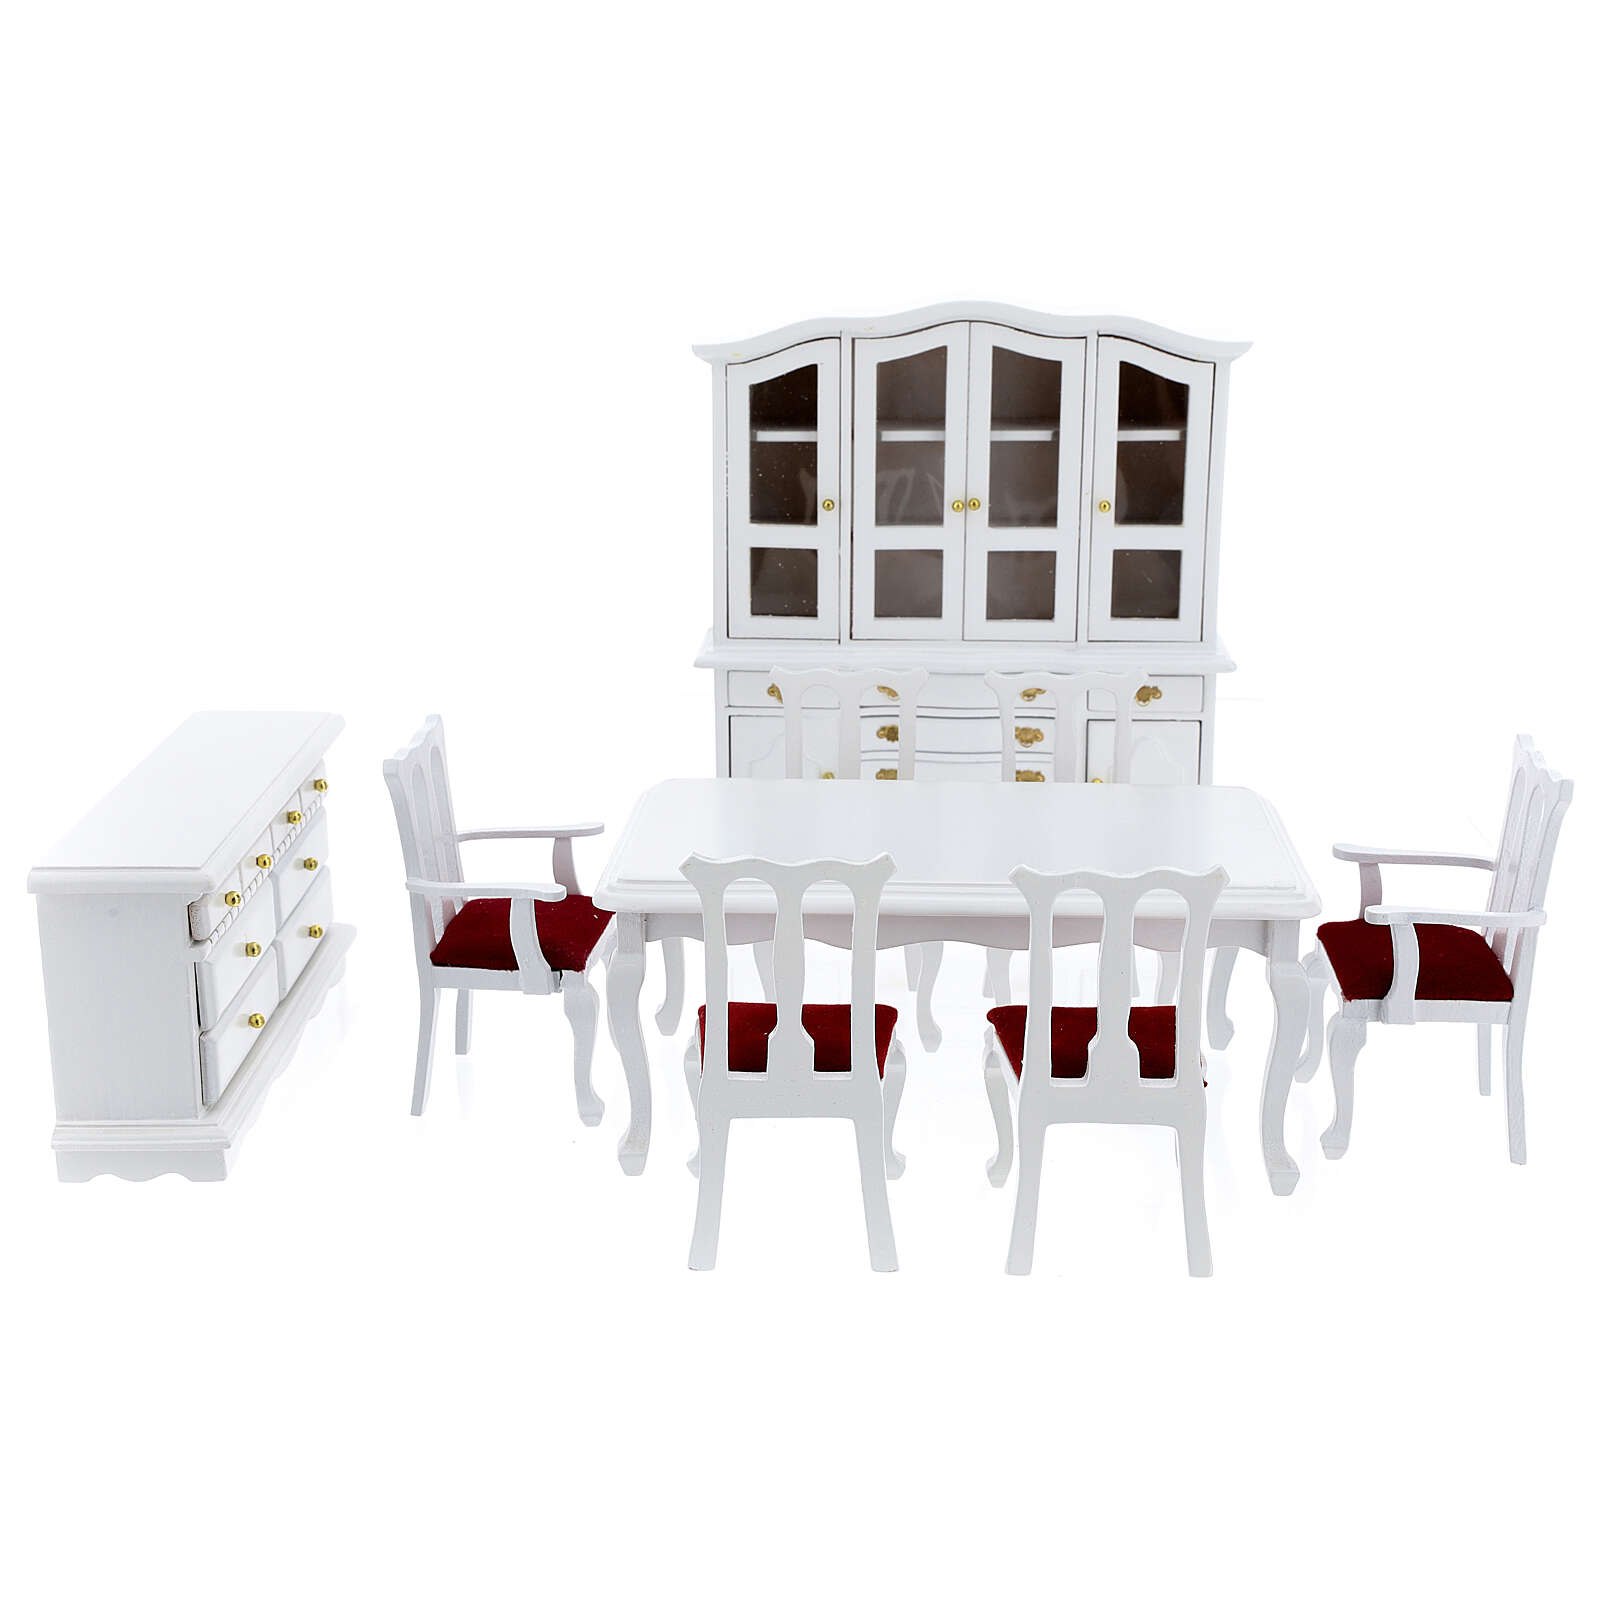 Meubles bois blanc 9 pcs crèche 12-14 cm 4